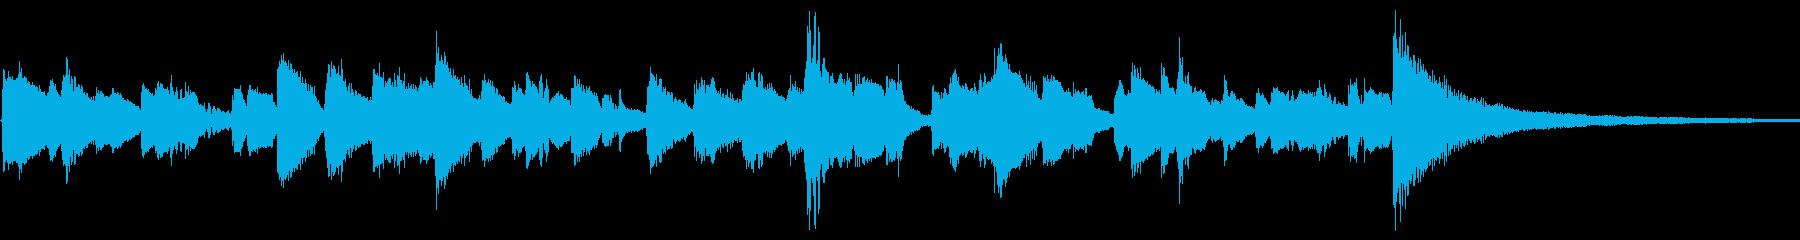 コーナー紹介(jazzyなピアノ)の再生済みの波形